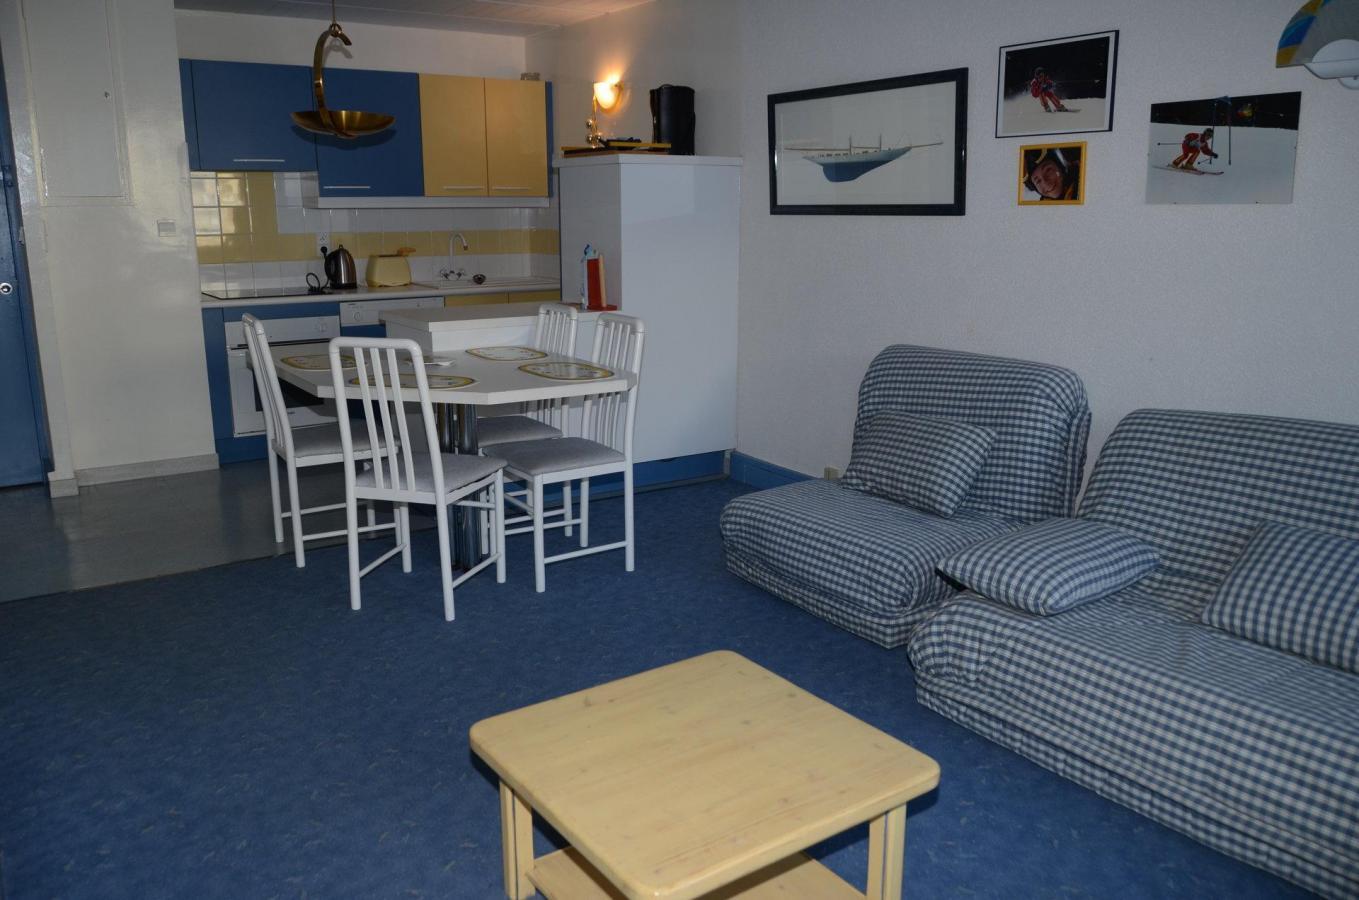 Location au ski Appartement 2 pièces 6 personnes (4) - La Residence Betelgeuse - Flaine - Coin séjour